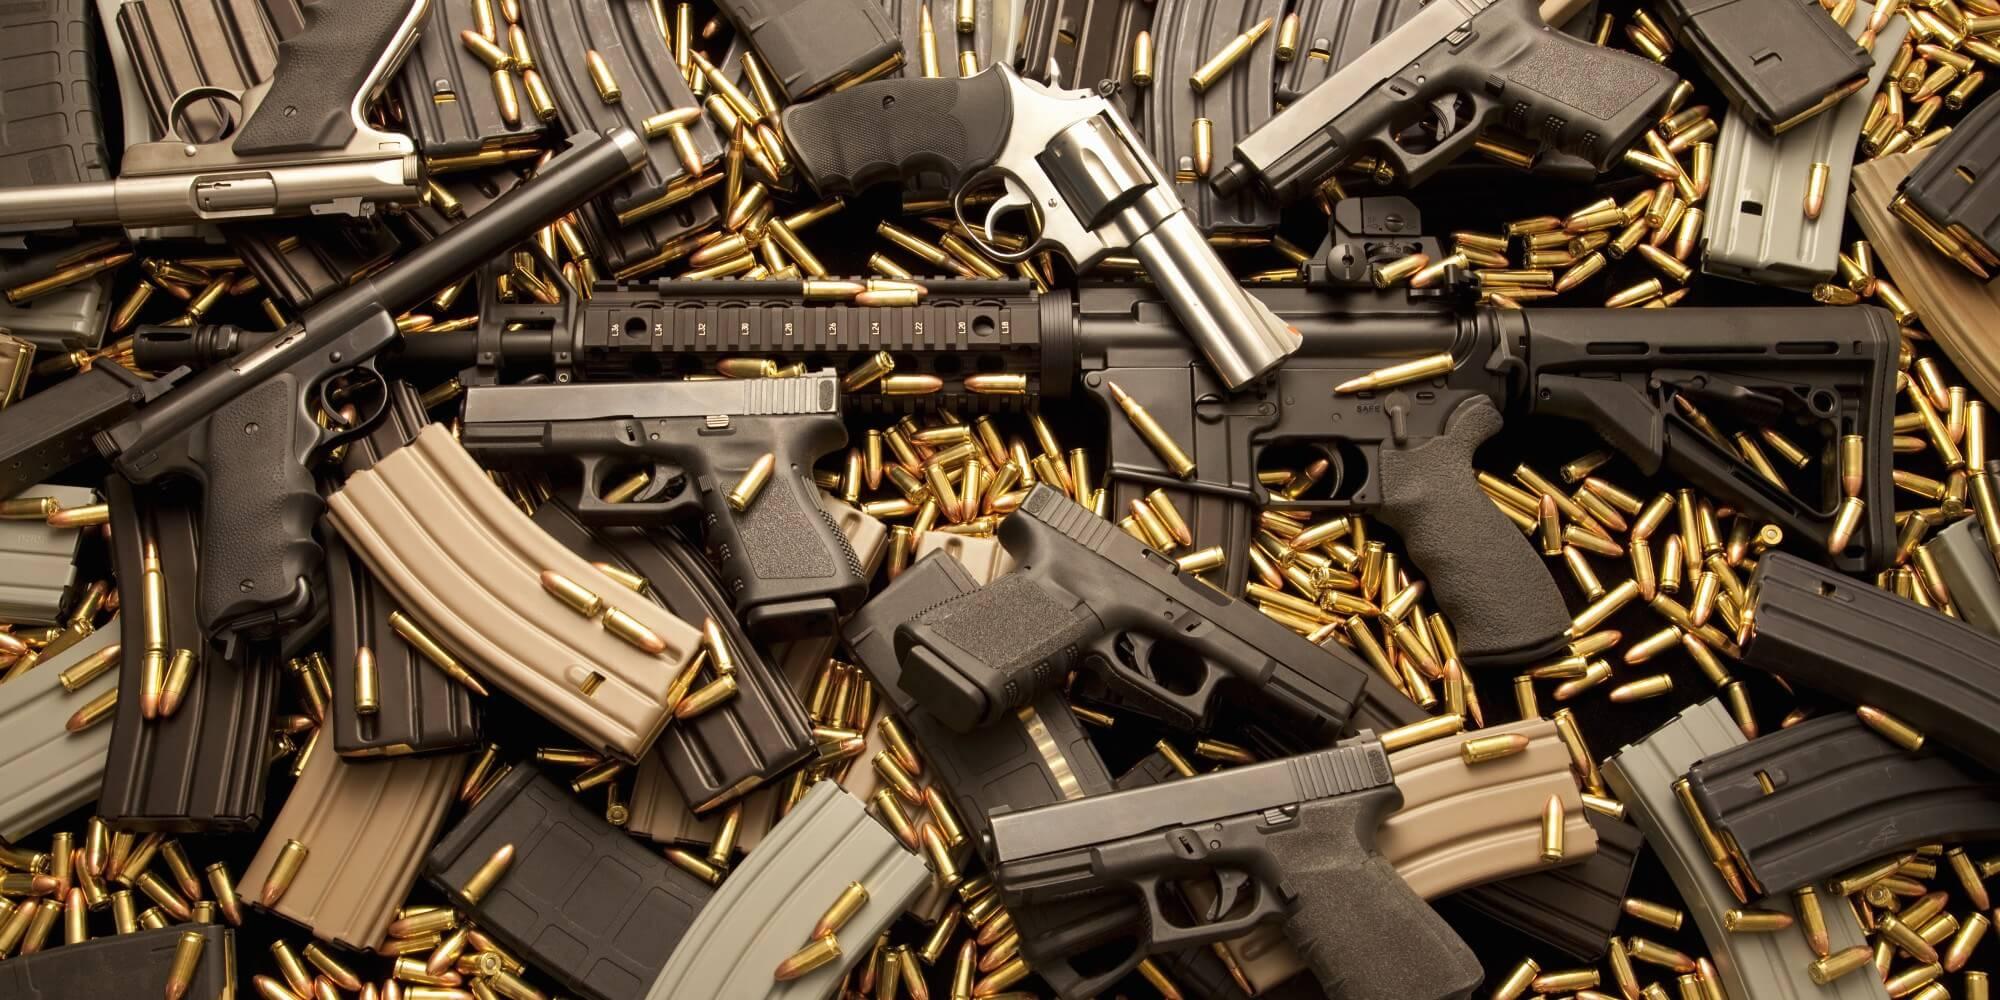 I trafficanti di armi americani amano Snapchat